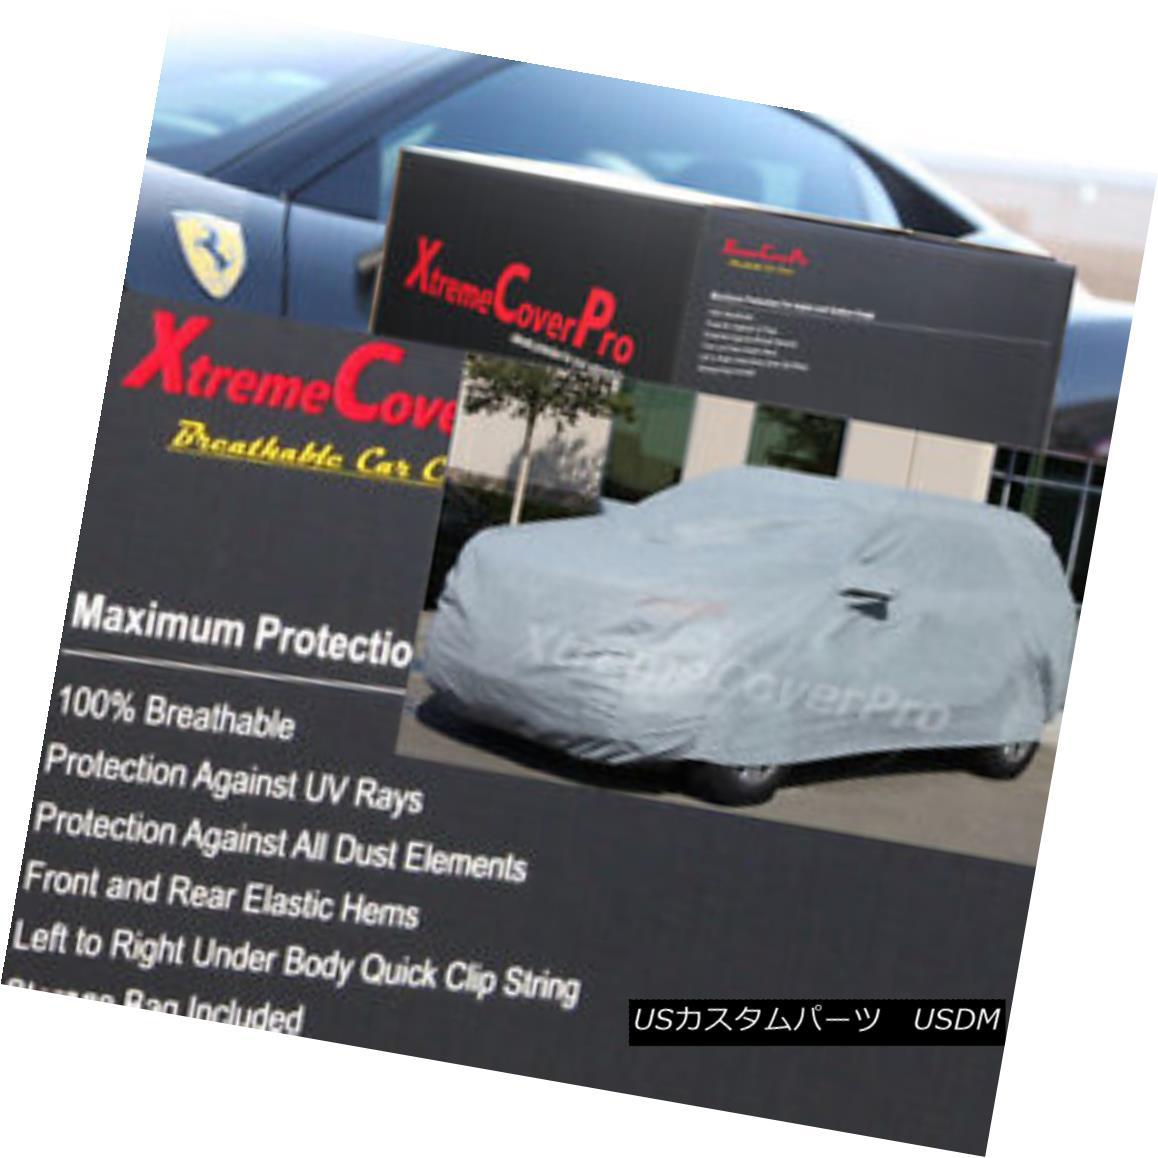 カーカバー 2013 Dodge Grand Caravan Breathable Car Cover w/MirrorPocket MirrorPocket付き2013年ドッジグランドキャラバン通気性車カバー